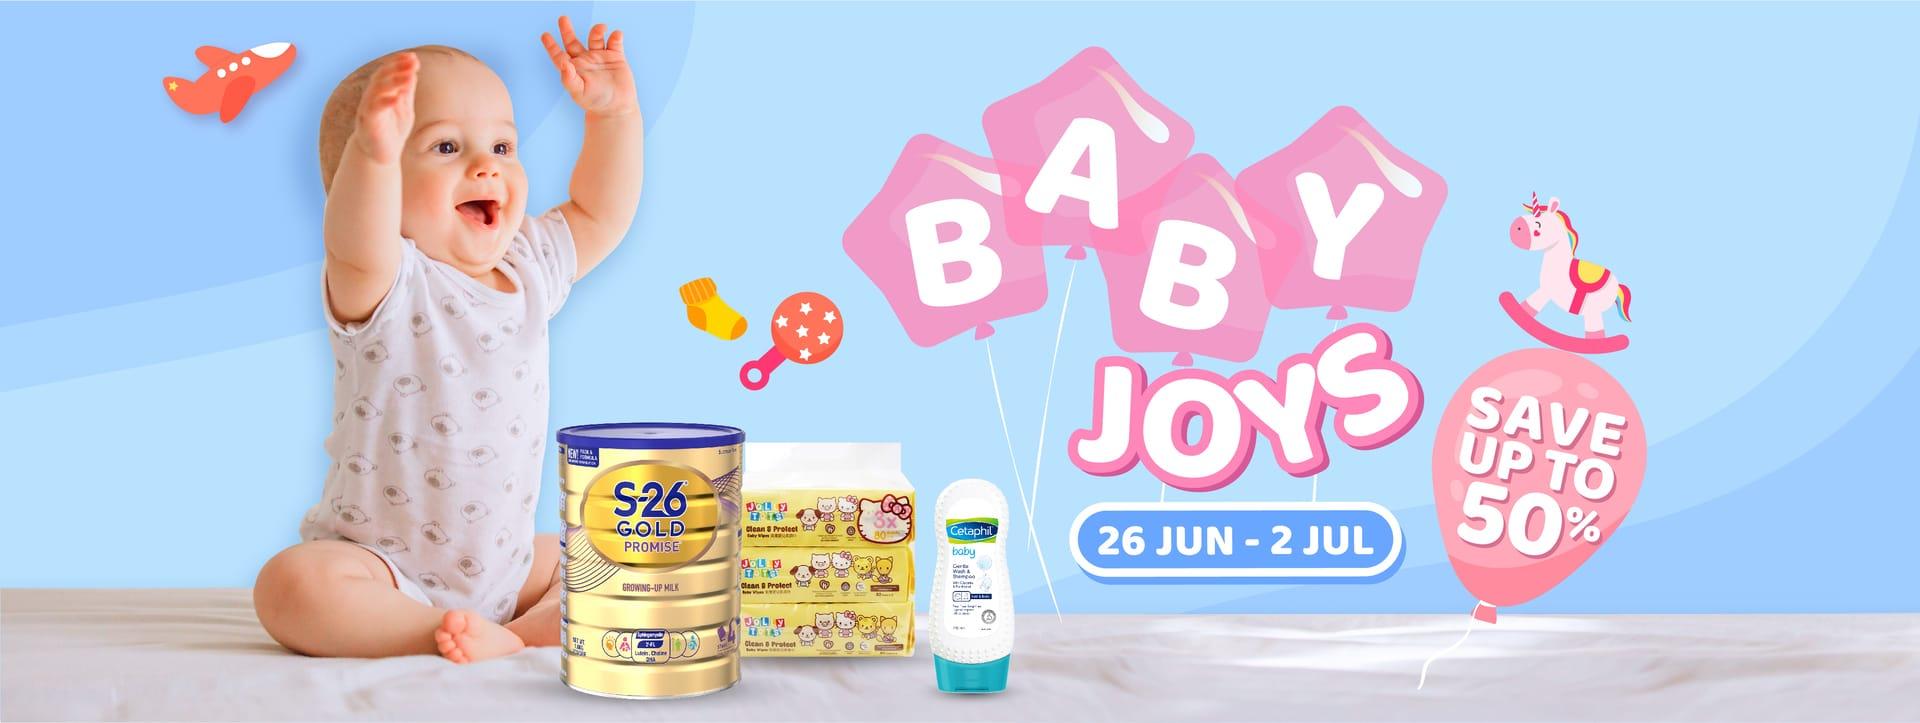 Baby Specials